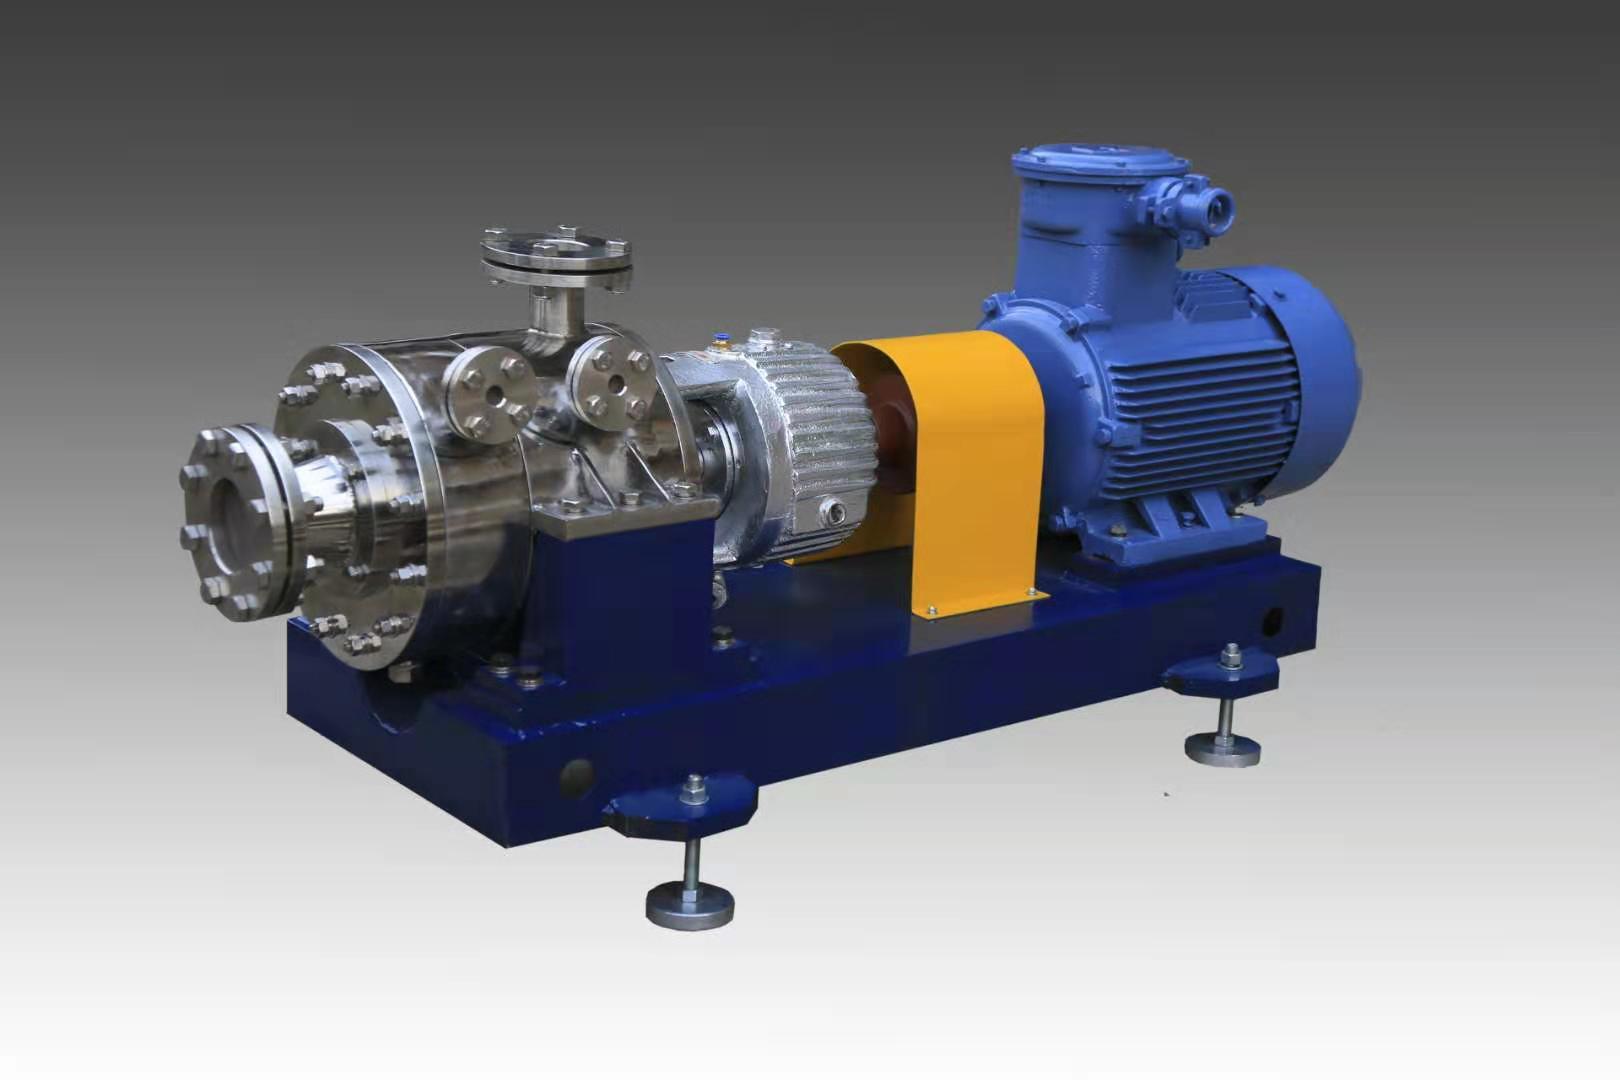 安徽专用三级剪切泵质量材质上乘 服务为先 上海威广机械制造供应